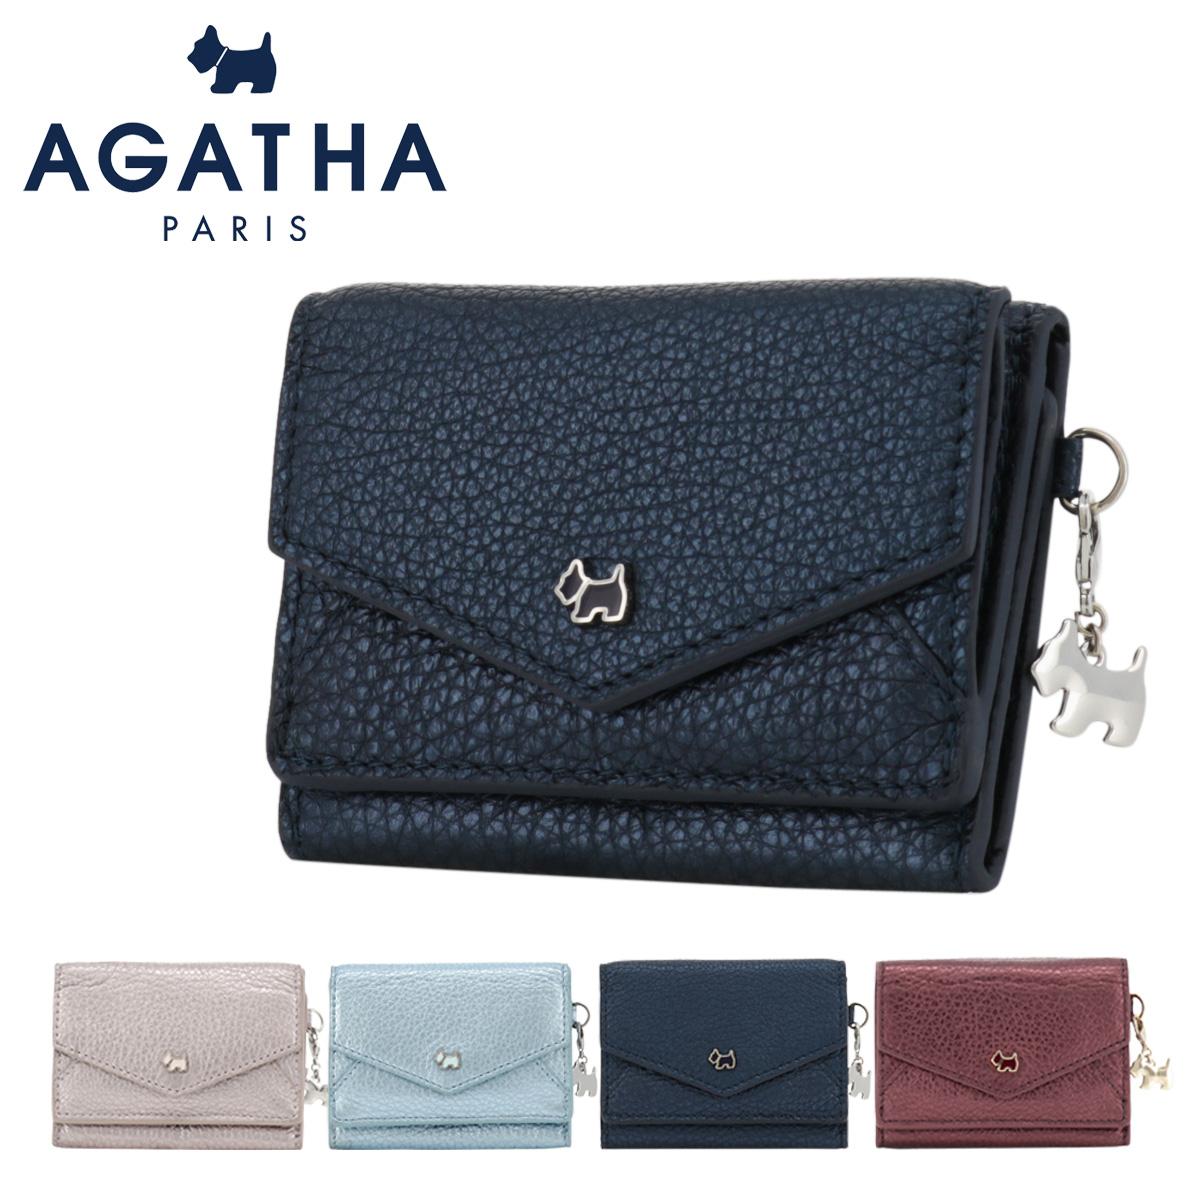 アガタ パリ 三つ折り財布 ミニ財布 ヴェルニメタリック レディース 13065 AGATHA PARIS | 本革 レザー